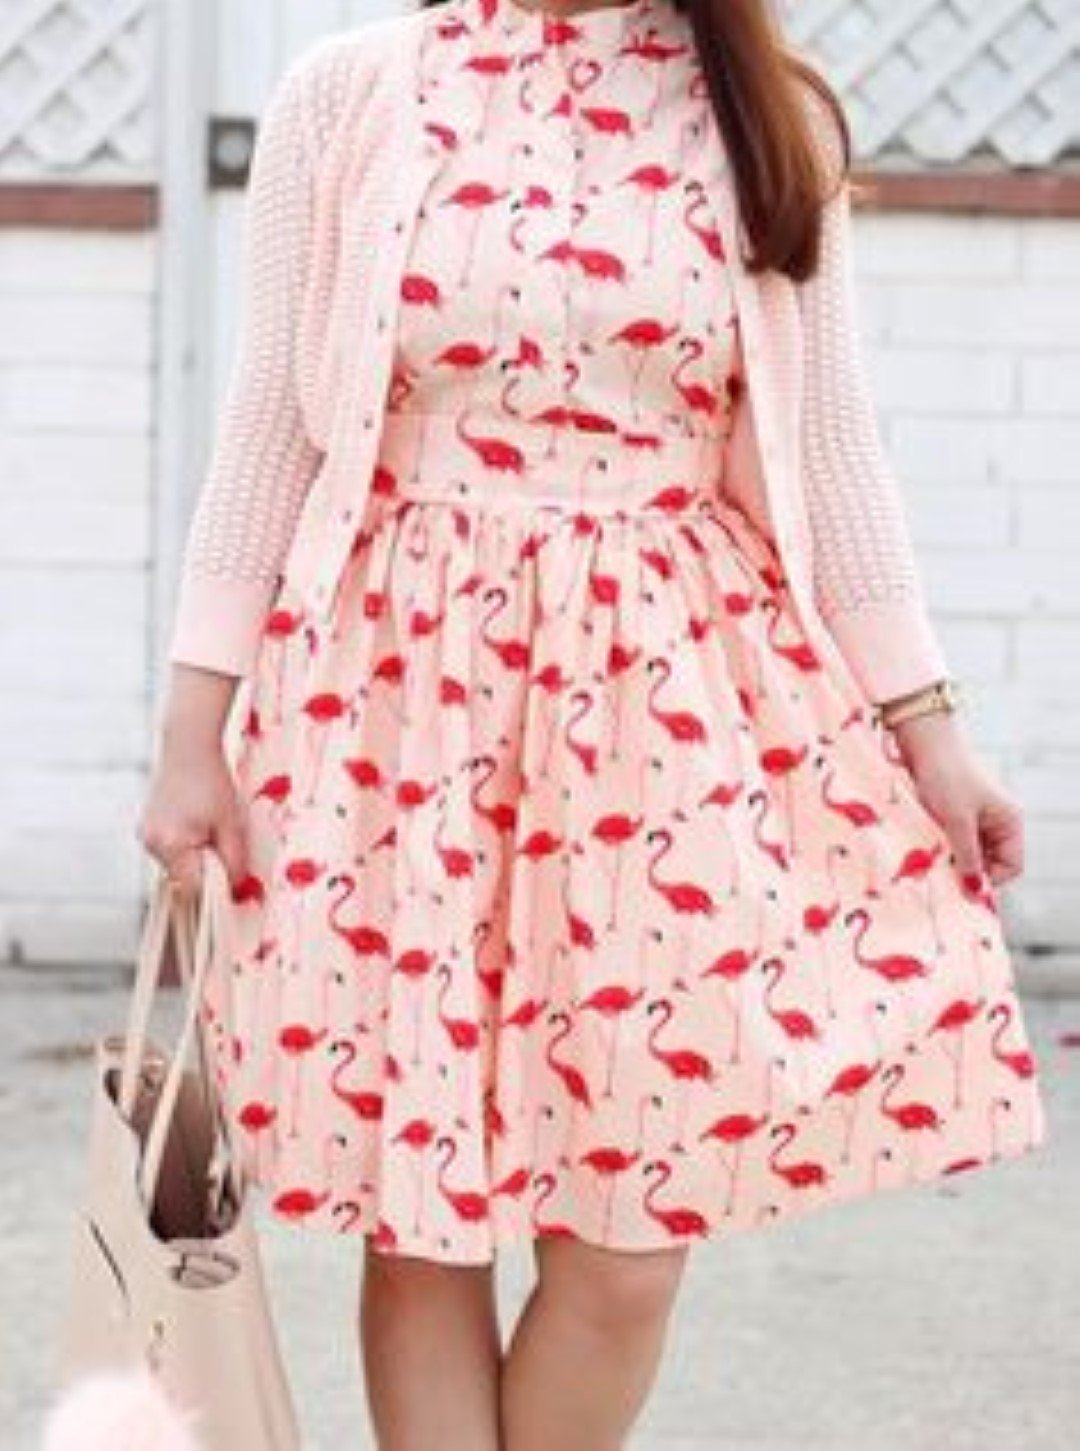 Φορέματα με σχέδια